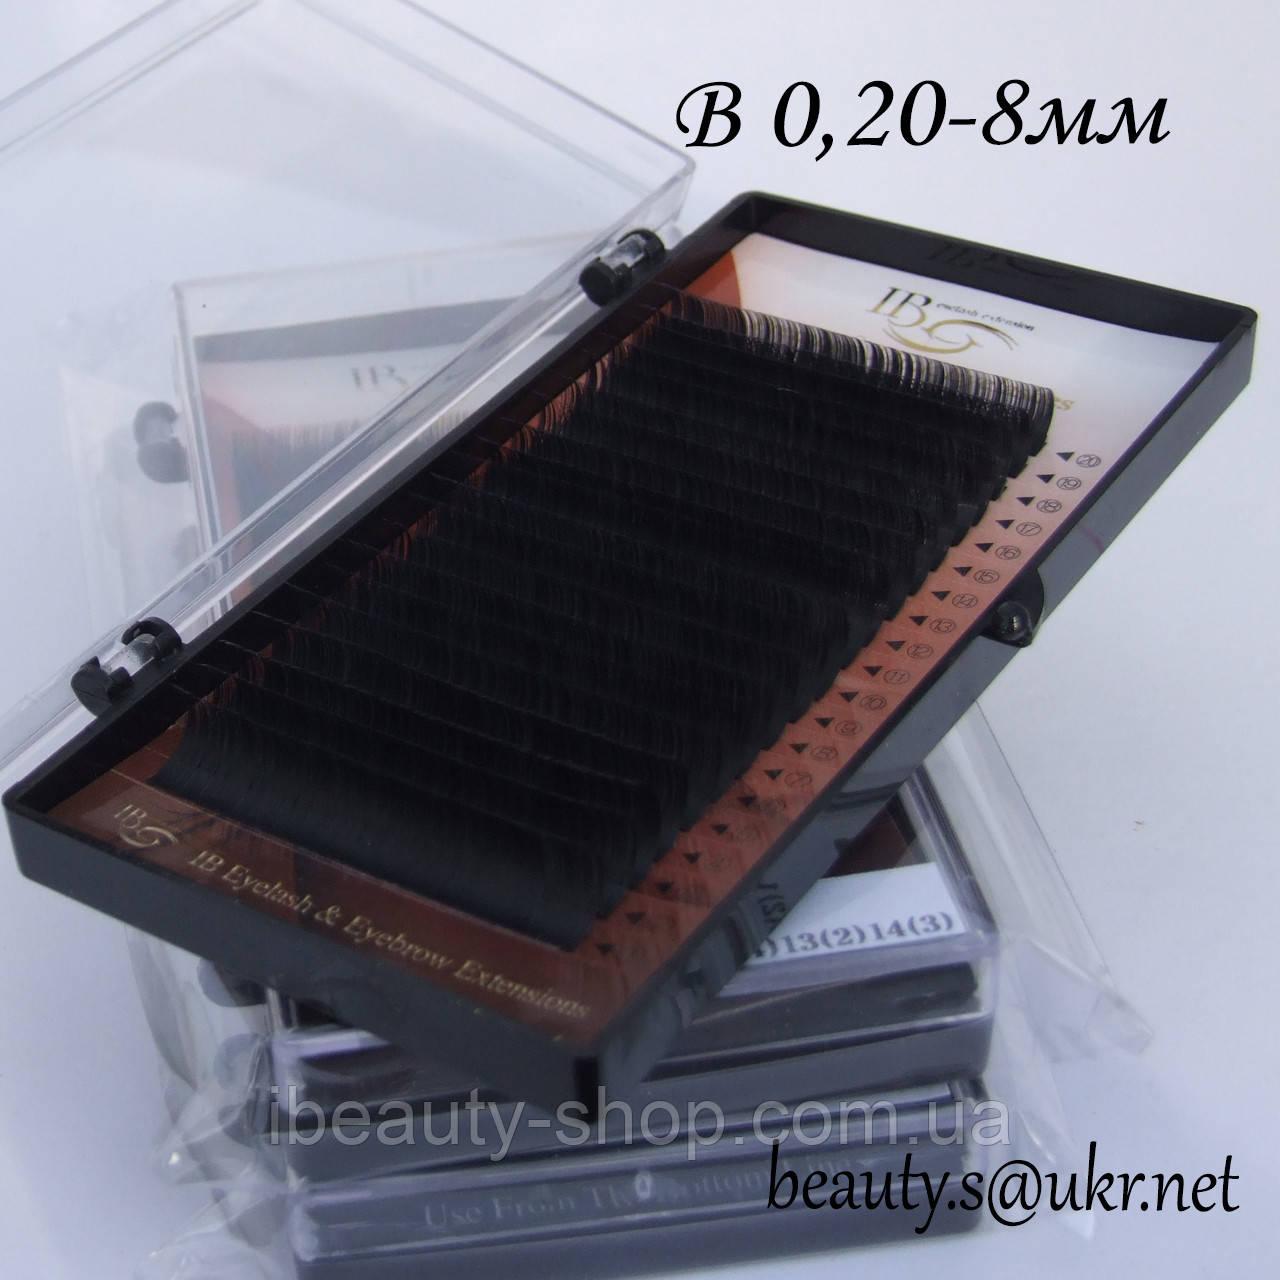 Ресницы  I-Beauty на ленте B 0,20-8мм